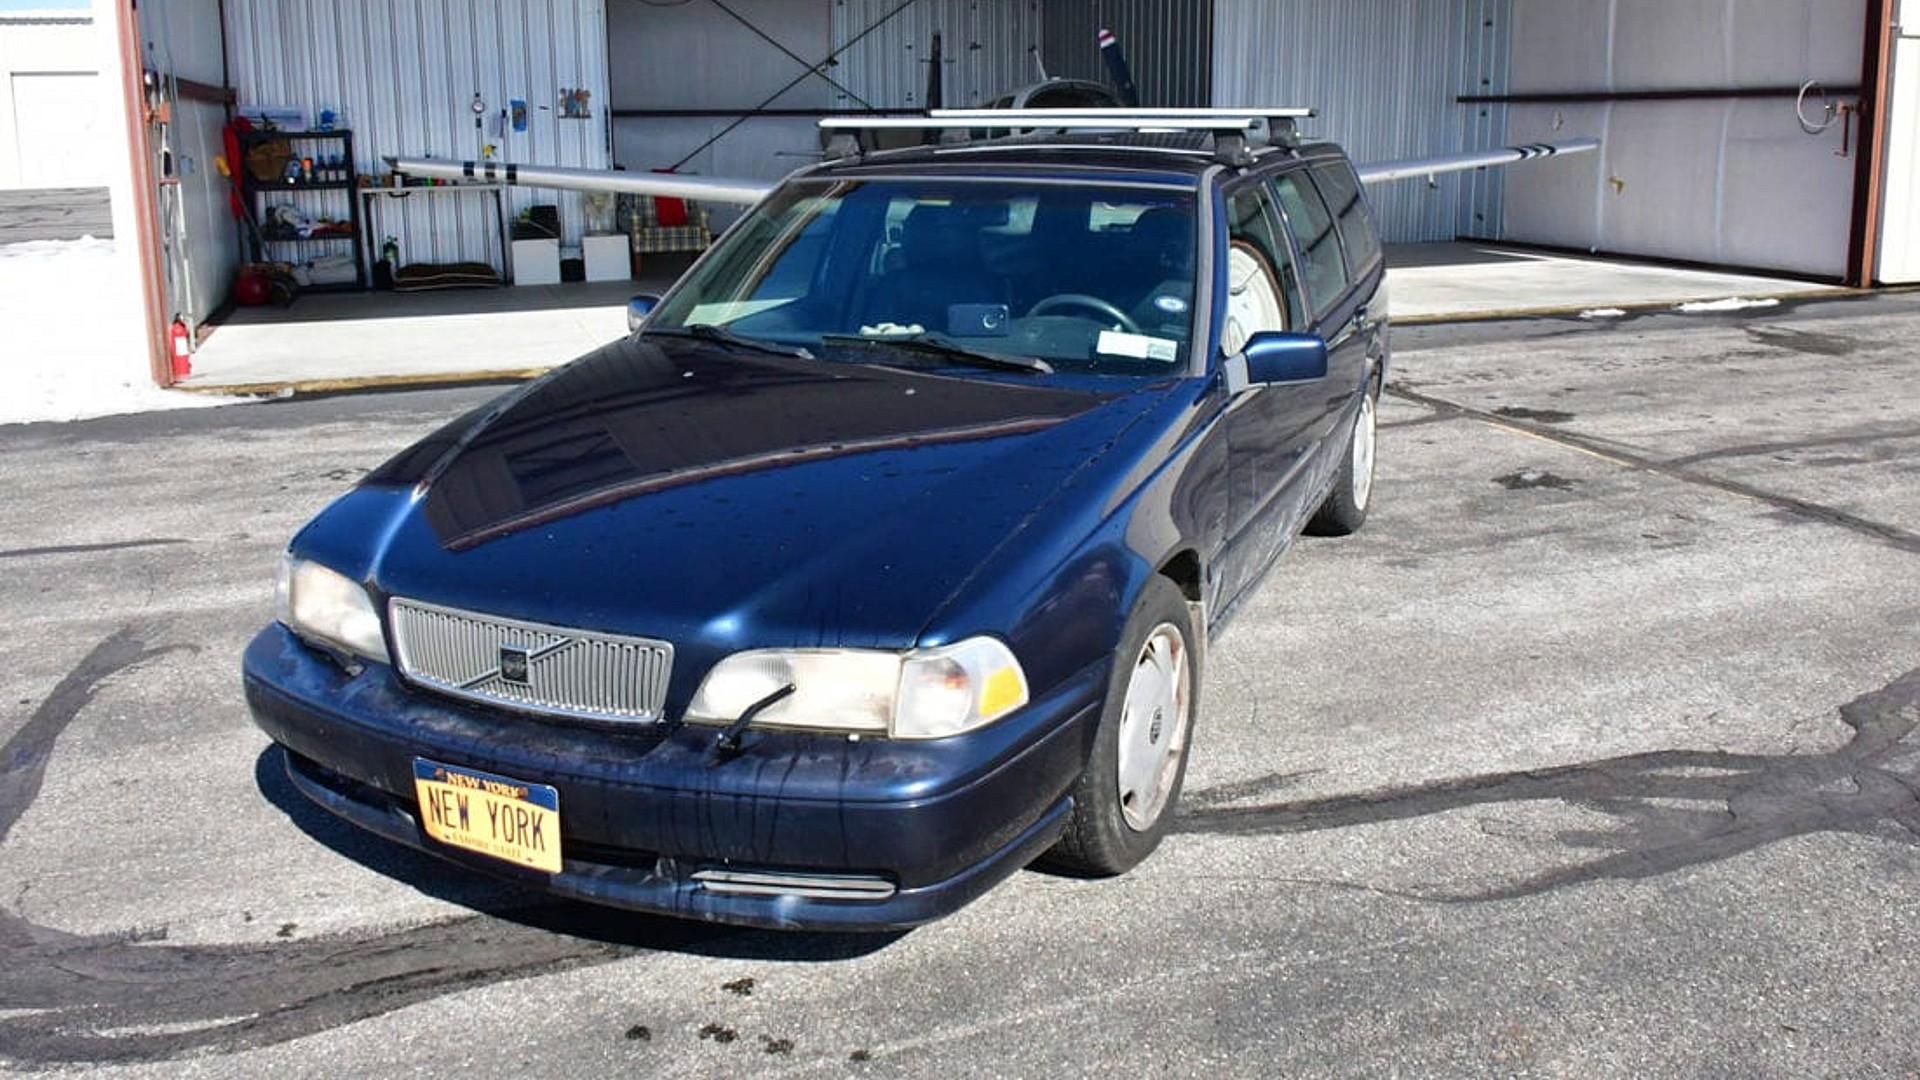 """Αυτό το μεταχειρισμένο Volvo V70 κρύβει έναν """"θησαυρό"""" 20 εκατ. δολαρίων! (pics)"""